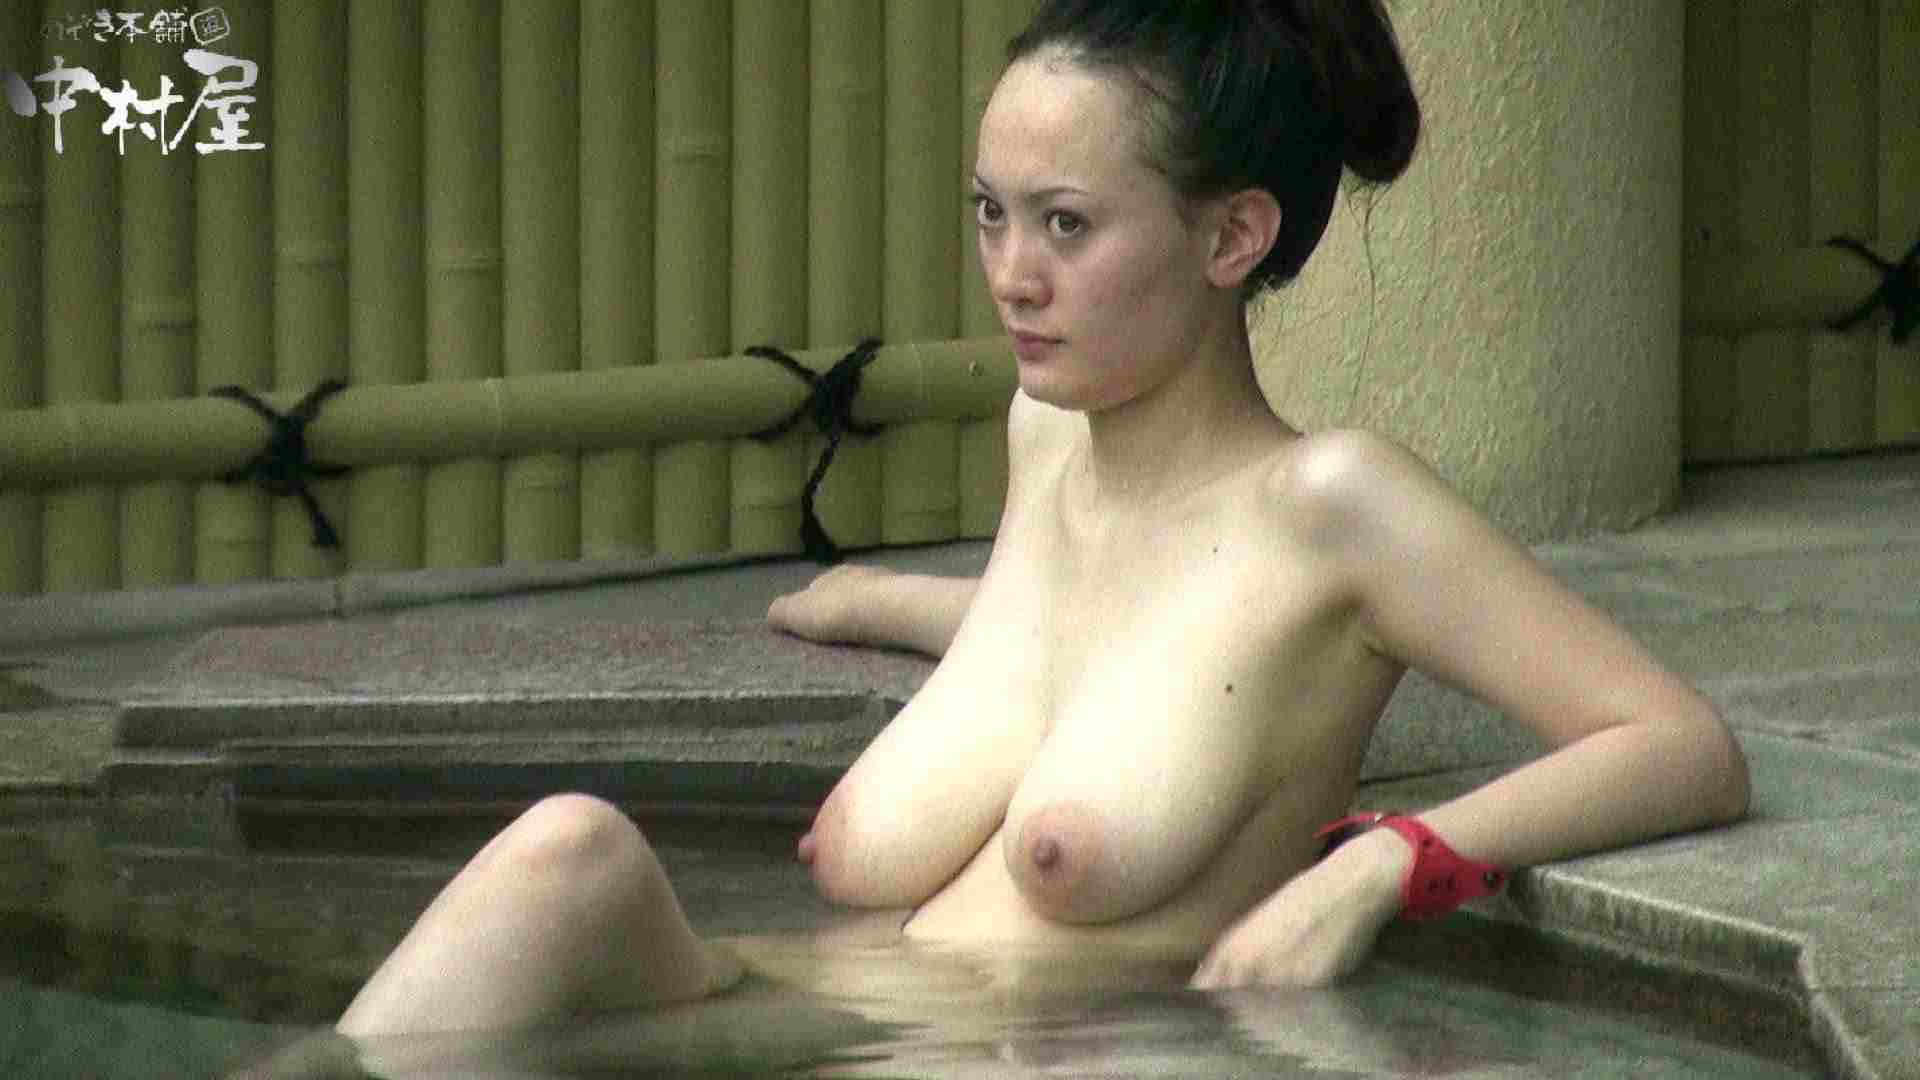 Aquaな露天風呂Vol.903 HなOL おめこ無修正動画無料 85pic 72